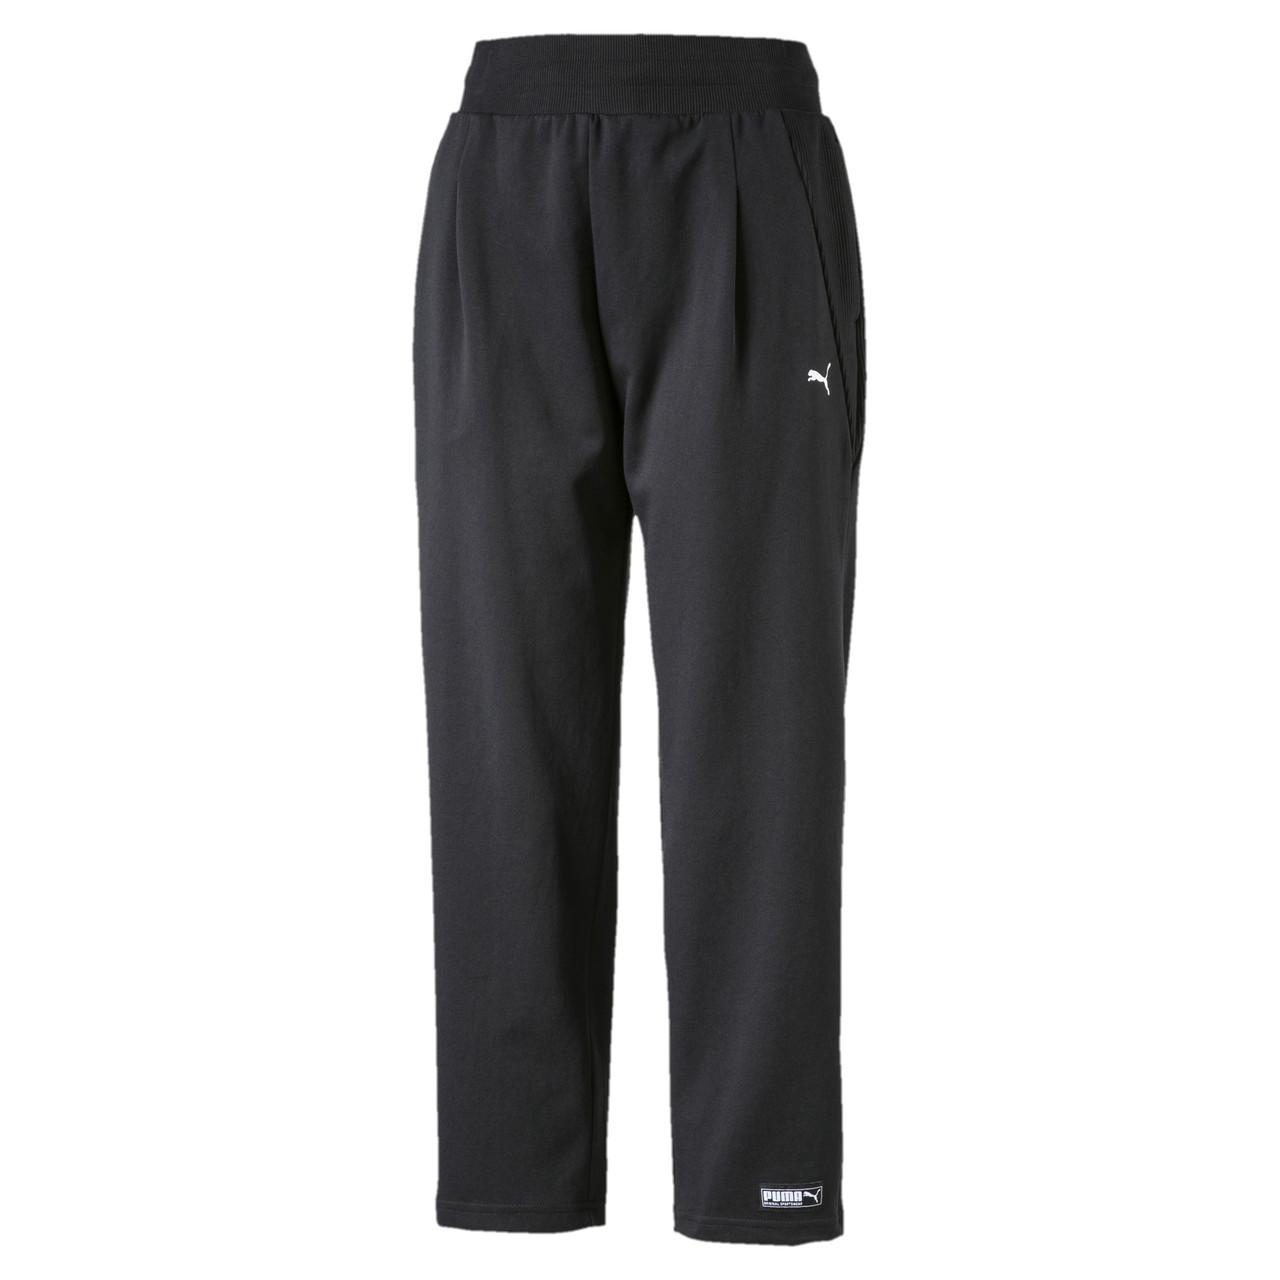 Женские спортивные брюки Fusion Women'S Sweatpants